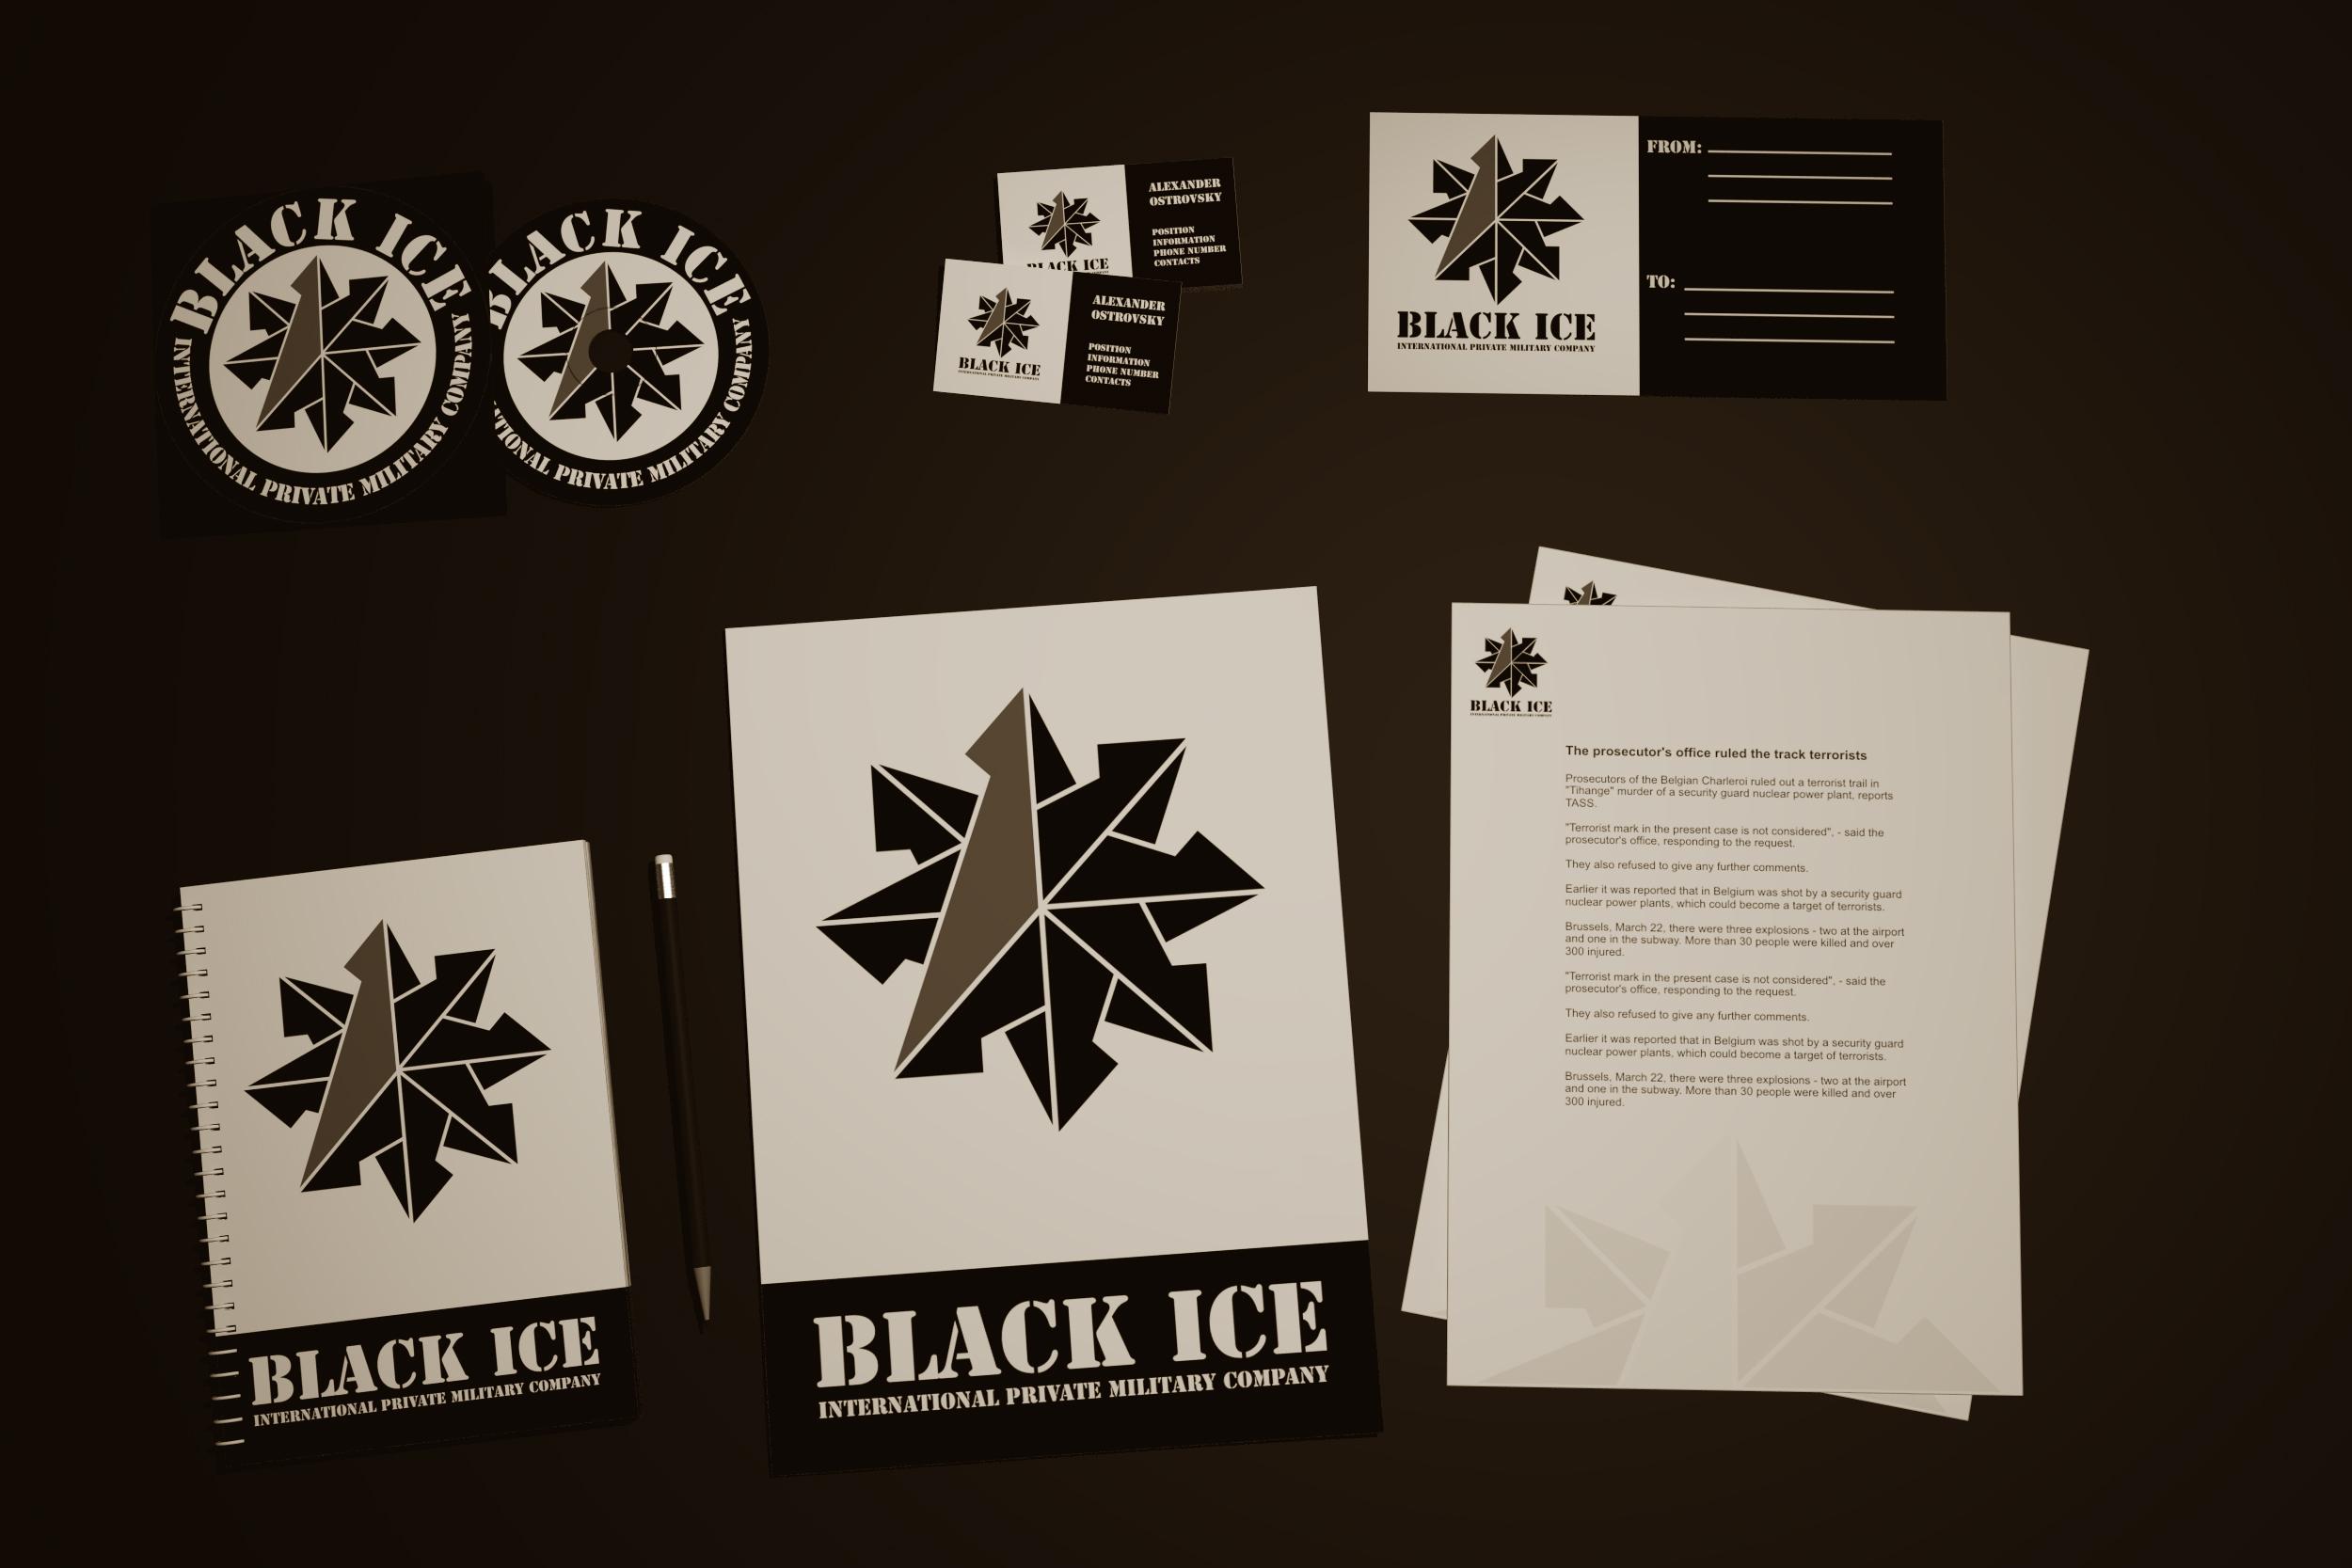 """Логотип + Фирменный стиль для компании """"BLACK ICE"""" фото f_55056f6d6772ee8b.jpg"""